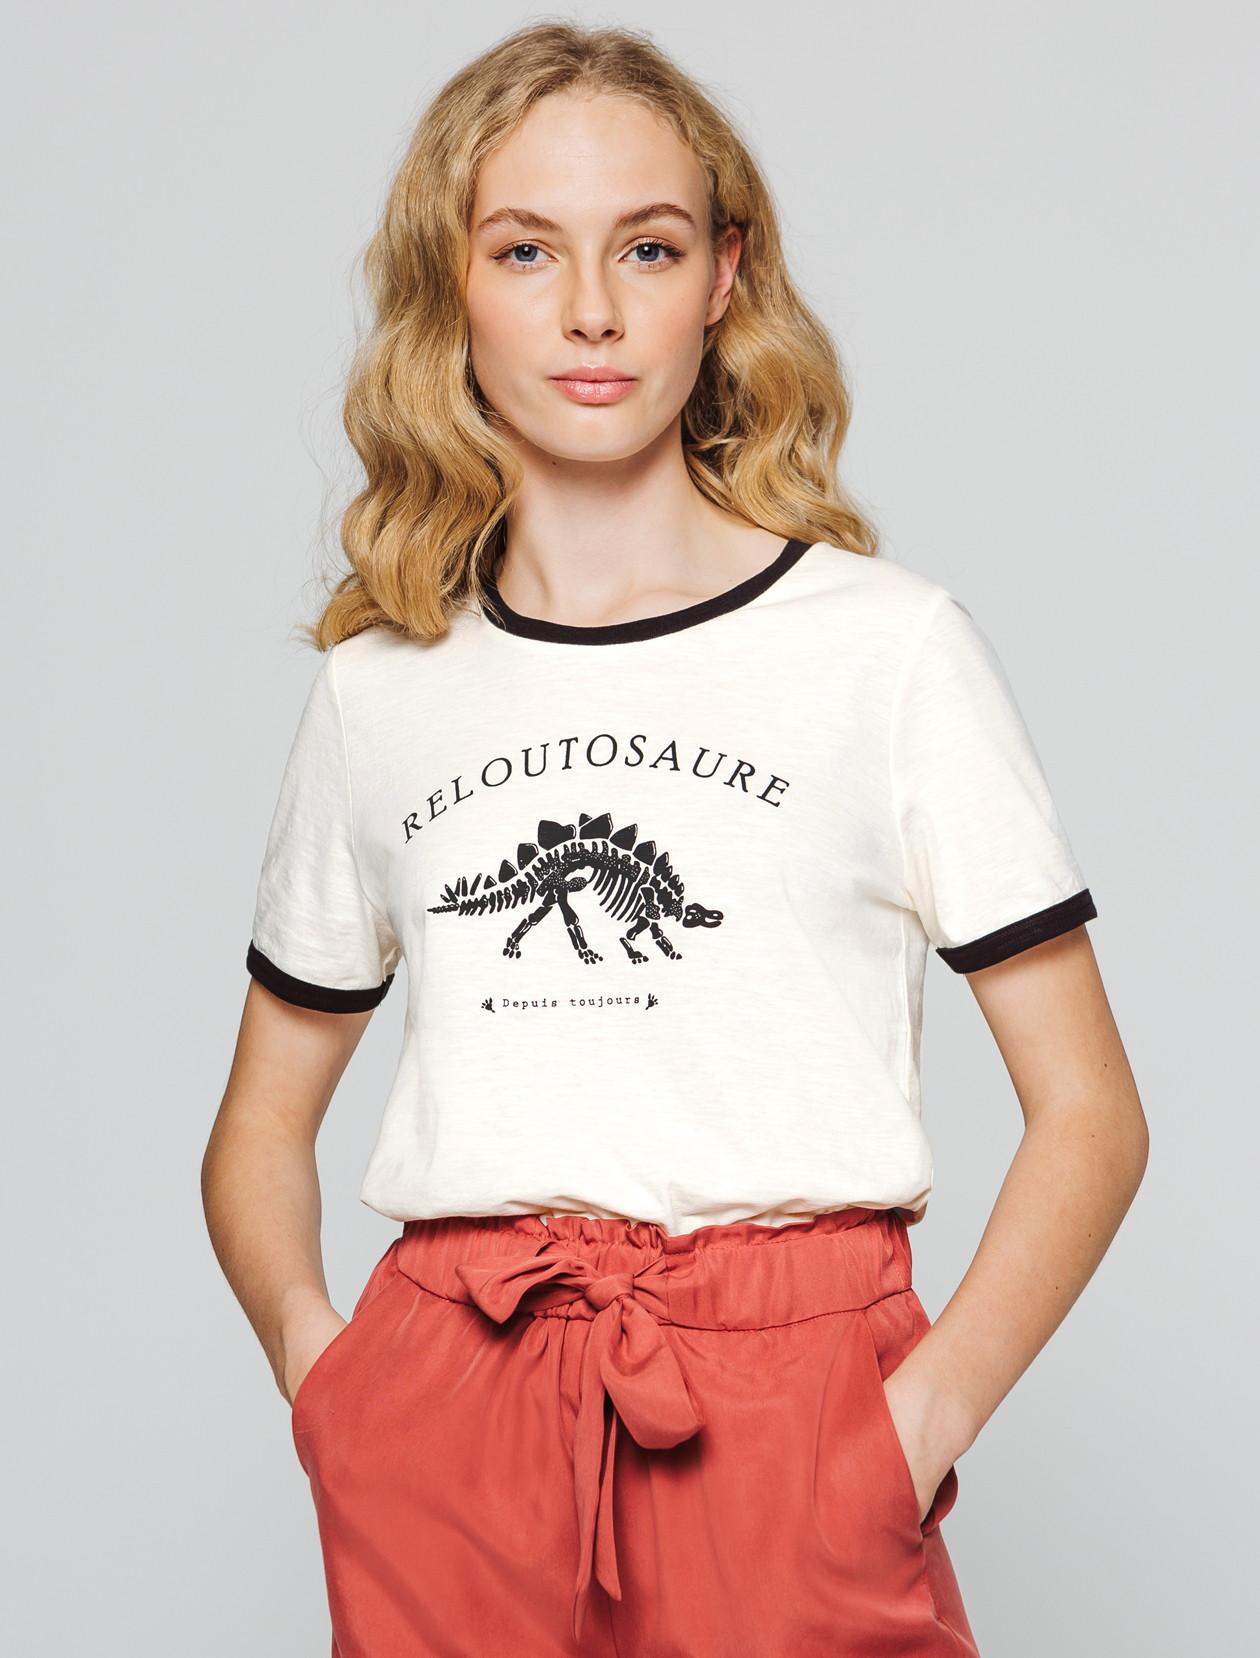 T-shirt message Reloutosaure femme